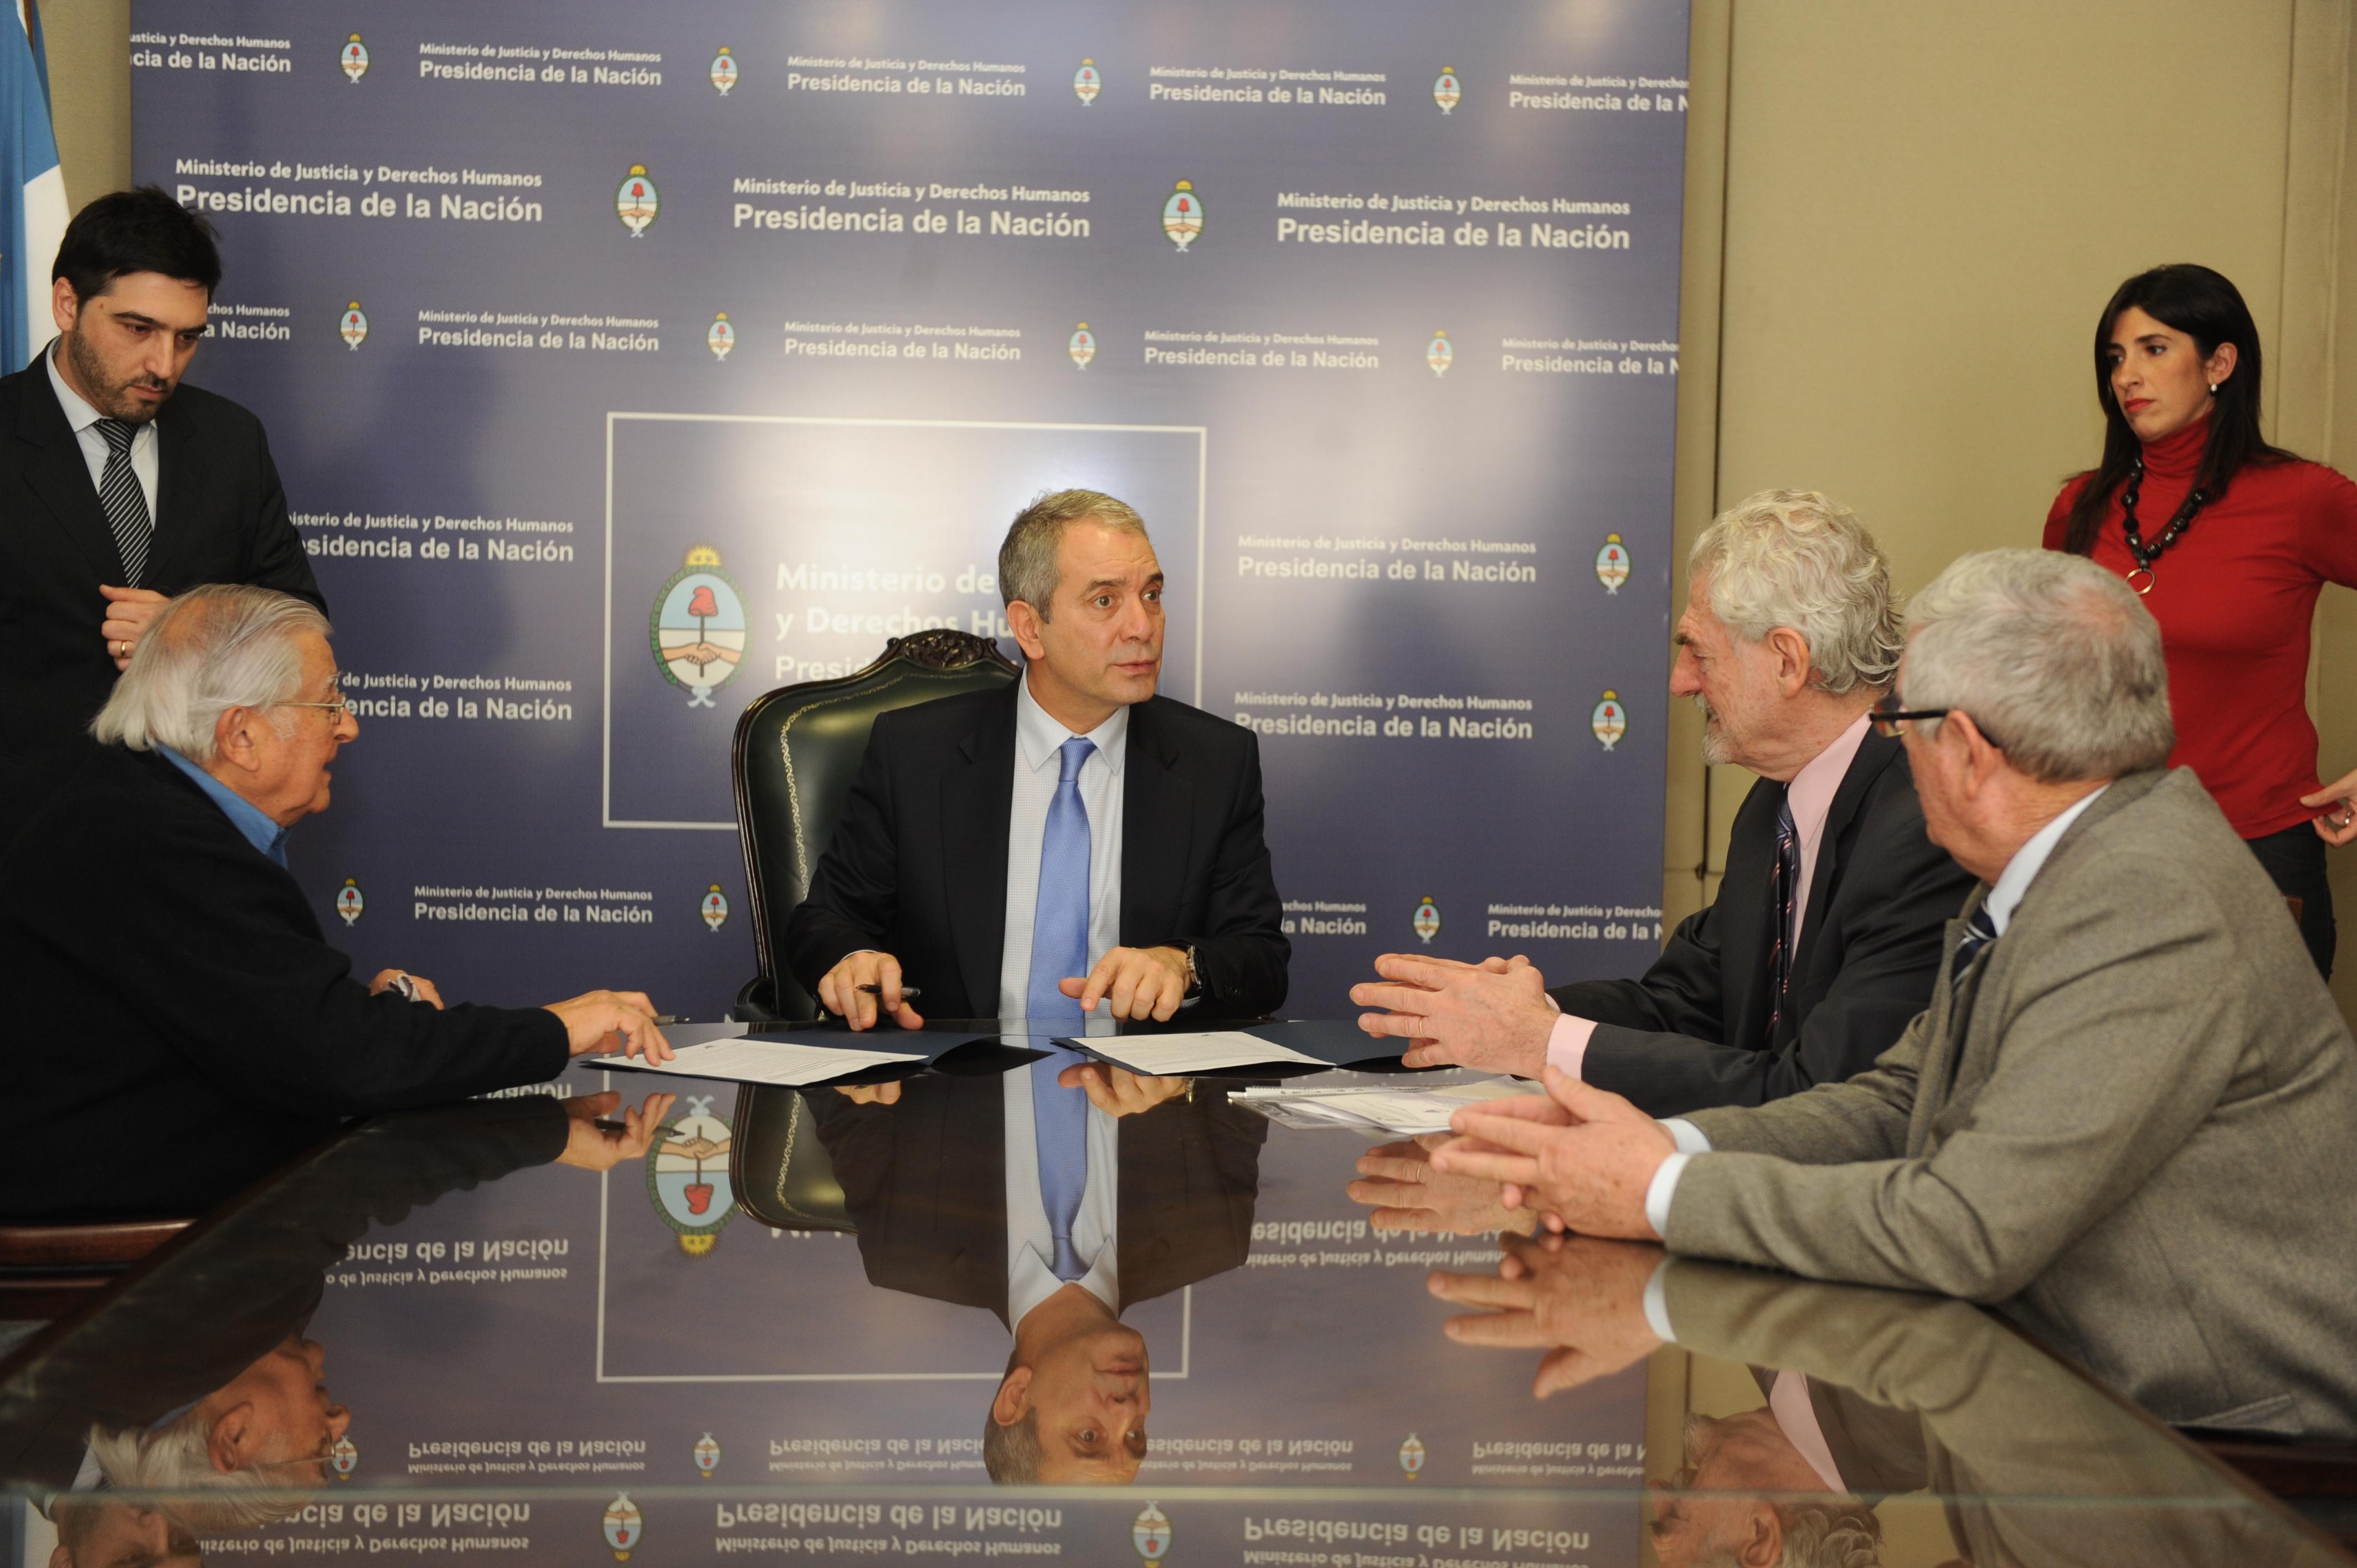 El Ministerio de Justicia ratificó su respaldo financiero a la Asamblea Permanente por los Derechos Humanos